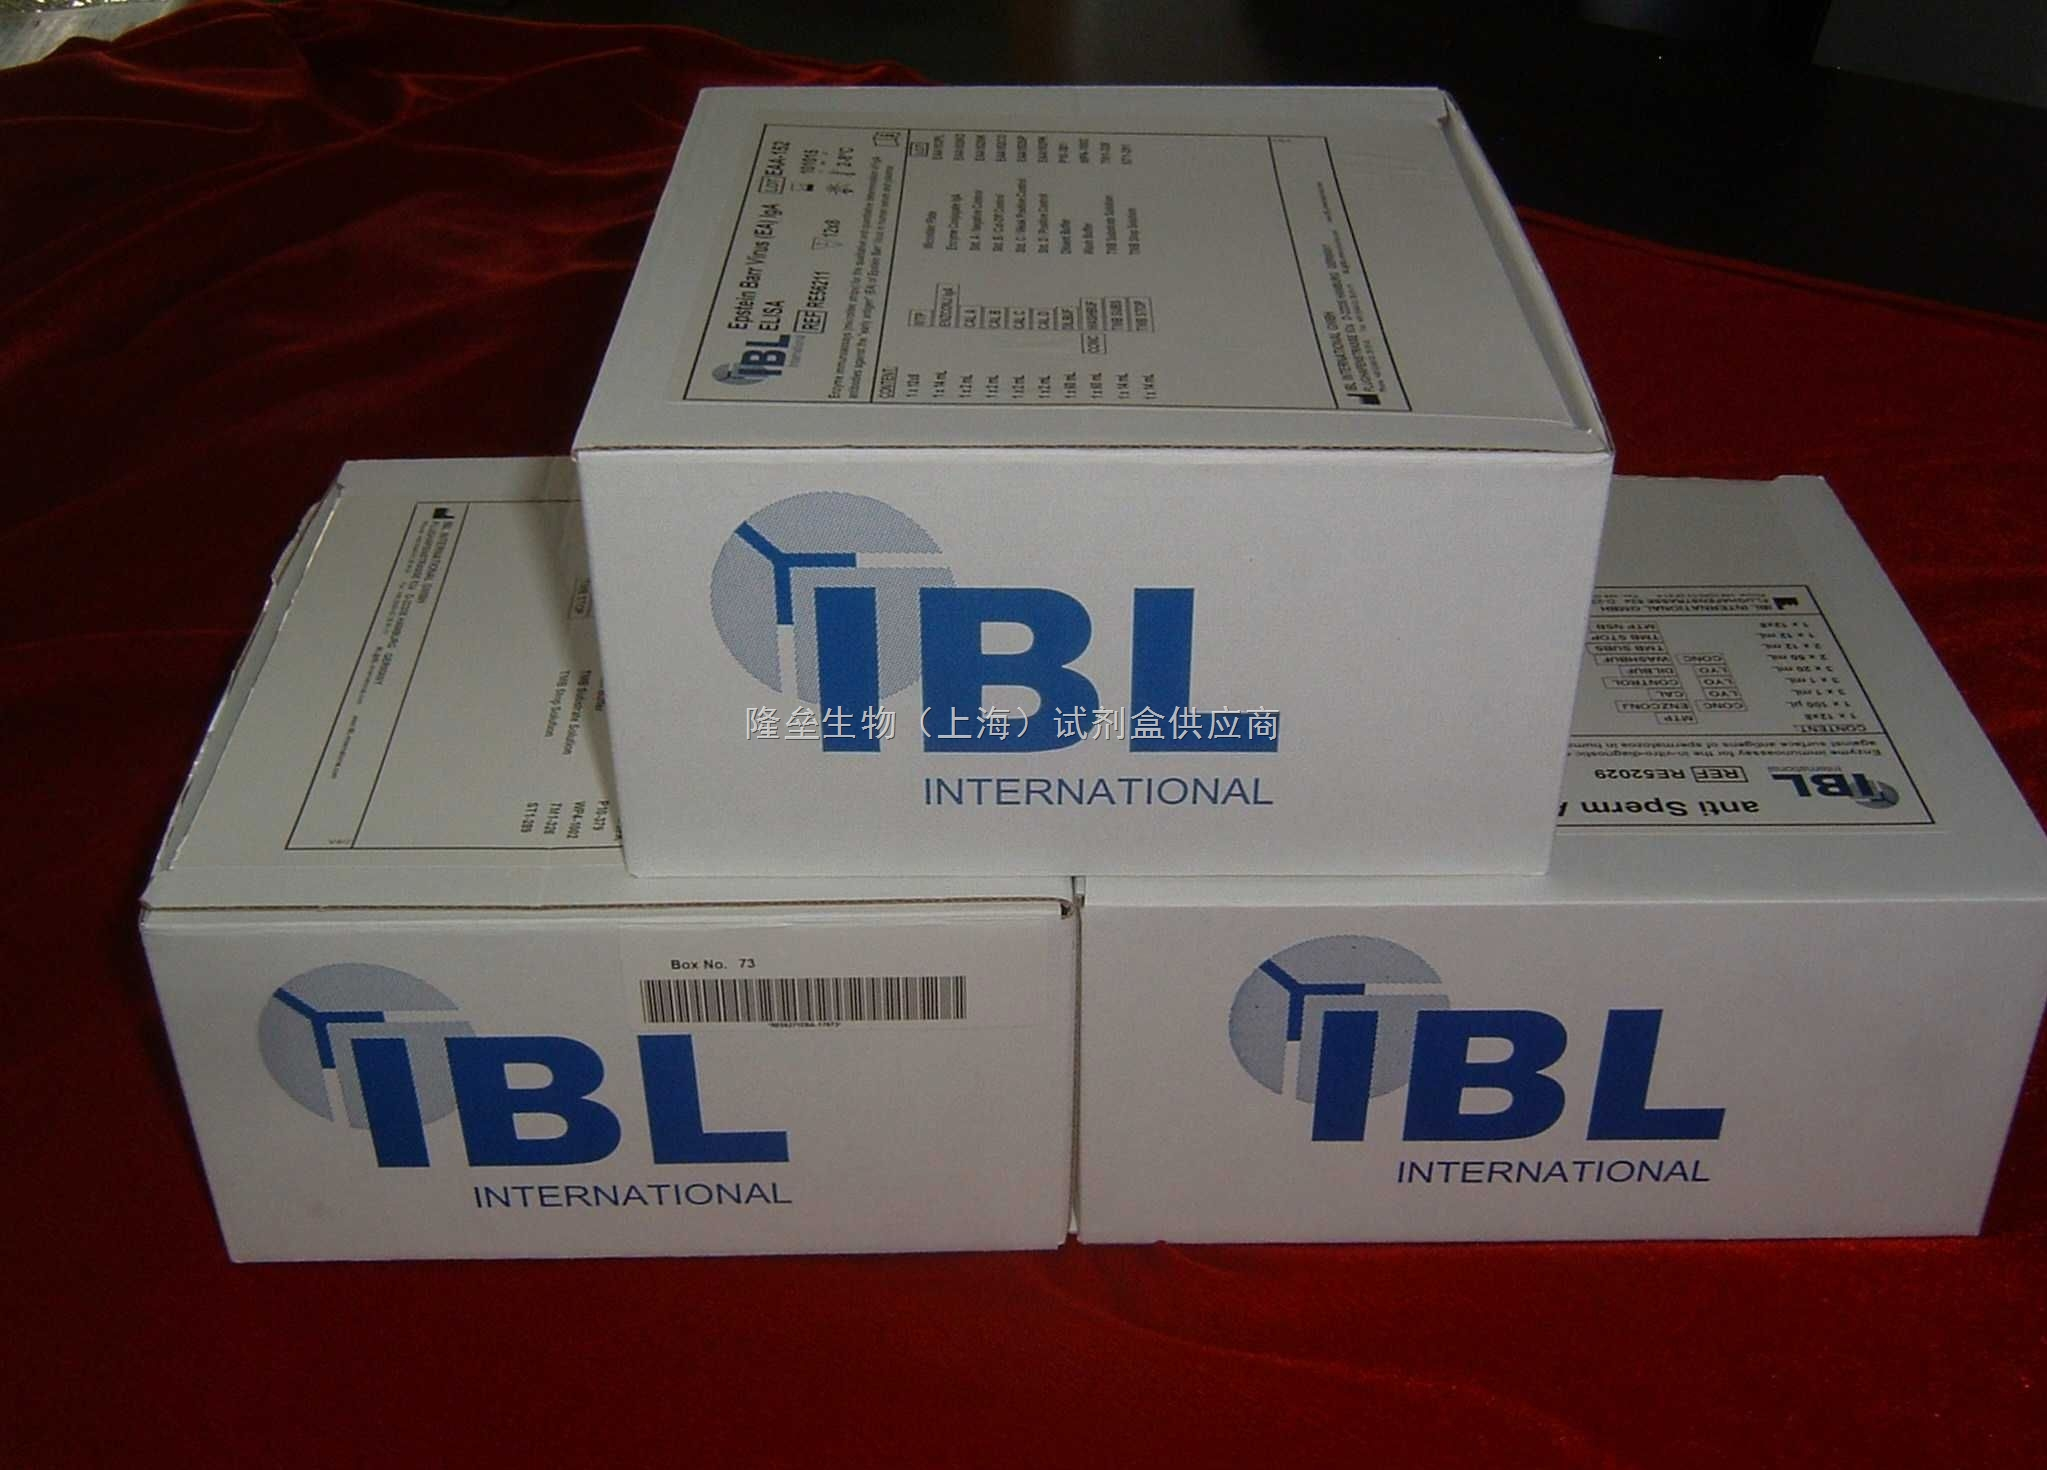 本公司的人胰岛细胞抗体elisa试剂盒,专注于ELISA相关产品的研发和生产,力求将ELISA技术的加样、温育、洗板及判读结果过程的科学,有机、系统地结合,尽可能地减少各环节的人为因素的影响,实现ELISA技术的自动化操作。 人胰岛细胞抗体elisa试剂盒的详细介绍: 英文名称:Human islet cell antibody,ICA elisa Kit 包装规格:96T 有效期:6个月 预期应用:ELISA法定量测定人血清、血浆、细胞培养上清或其它相关生物液体中相关物质含量。 1.试剂盒保存:-20(